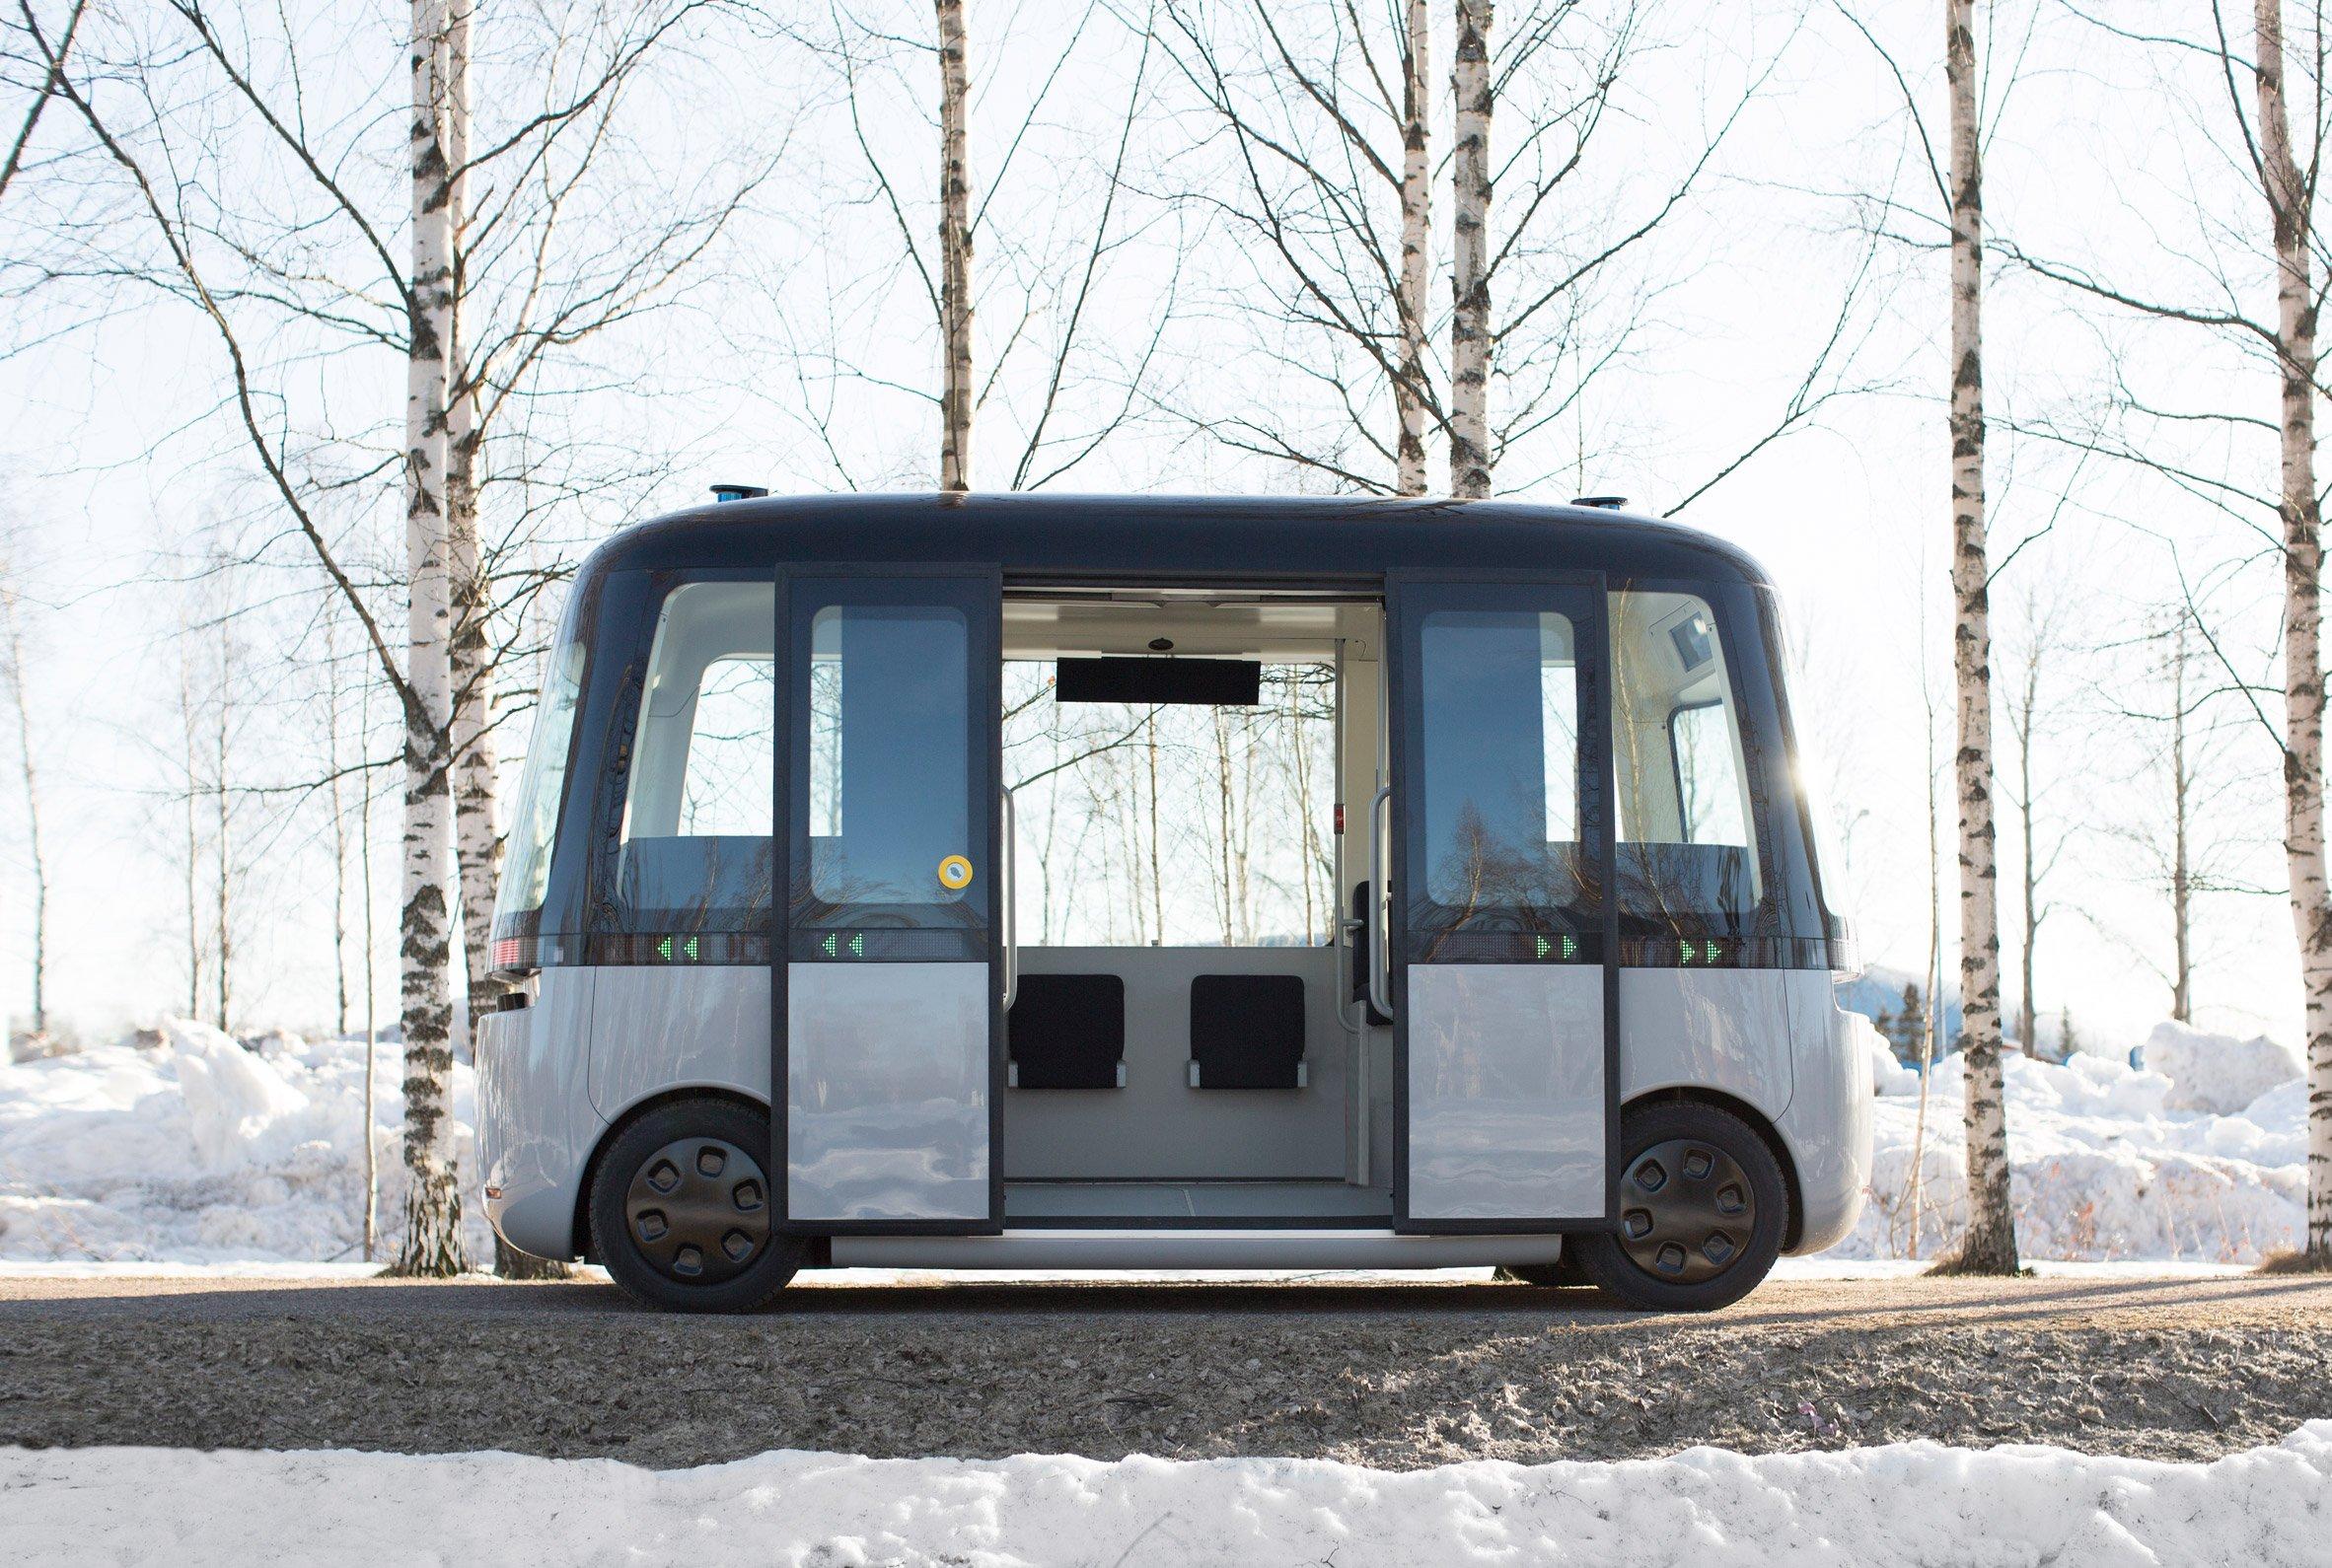 Muji and Sensible 4 debut Gacha self-driving bus in Helsinki